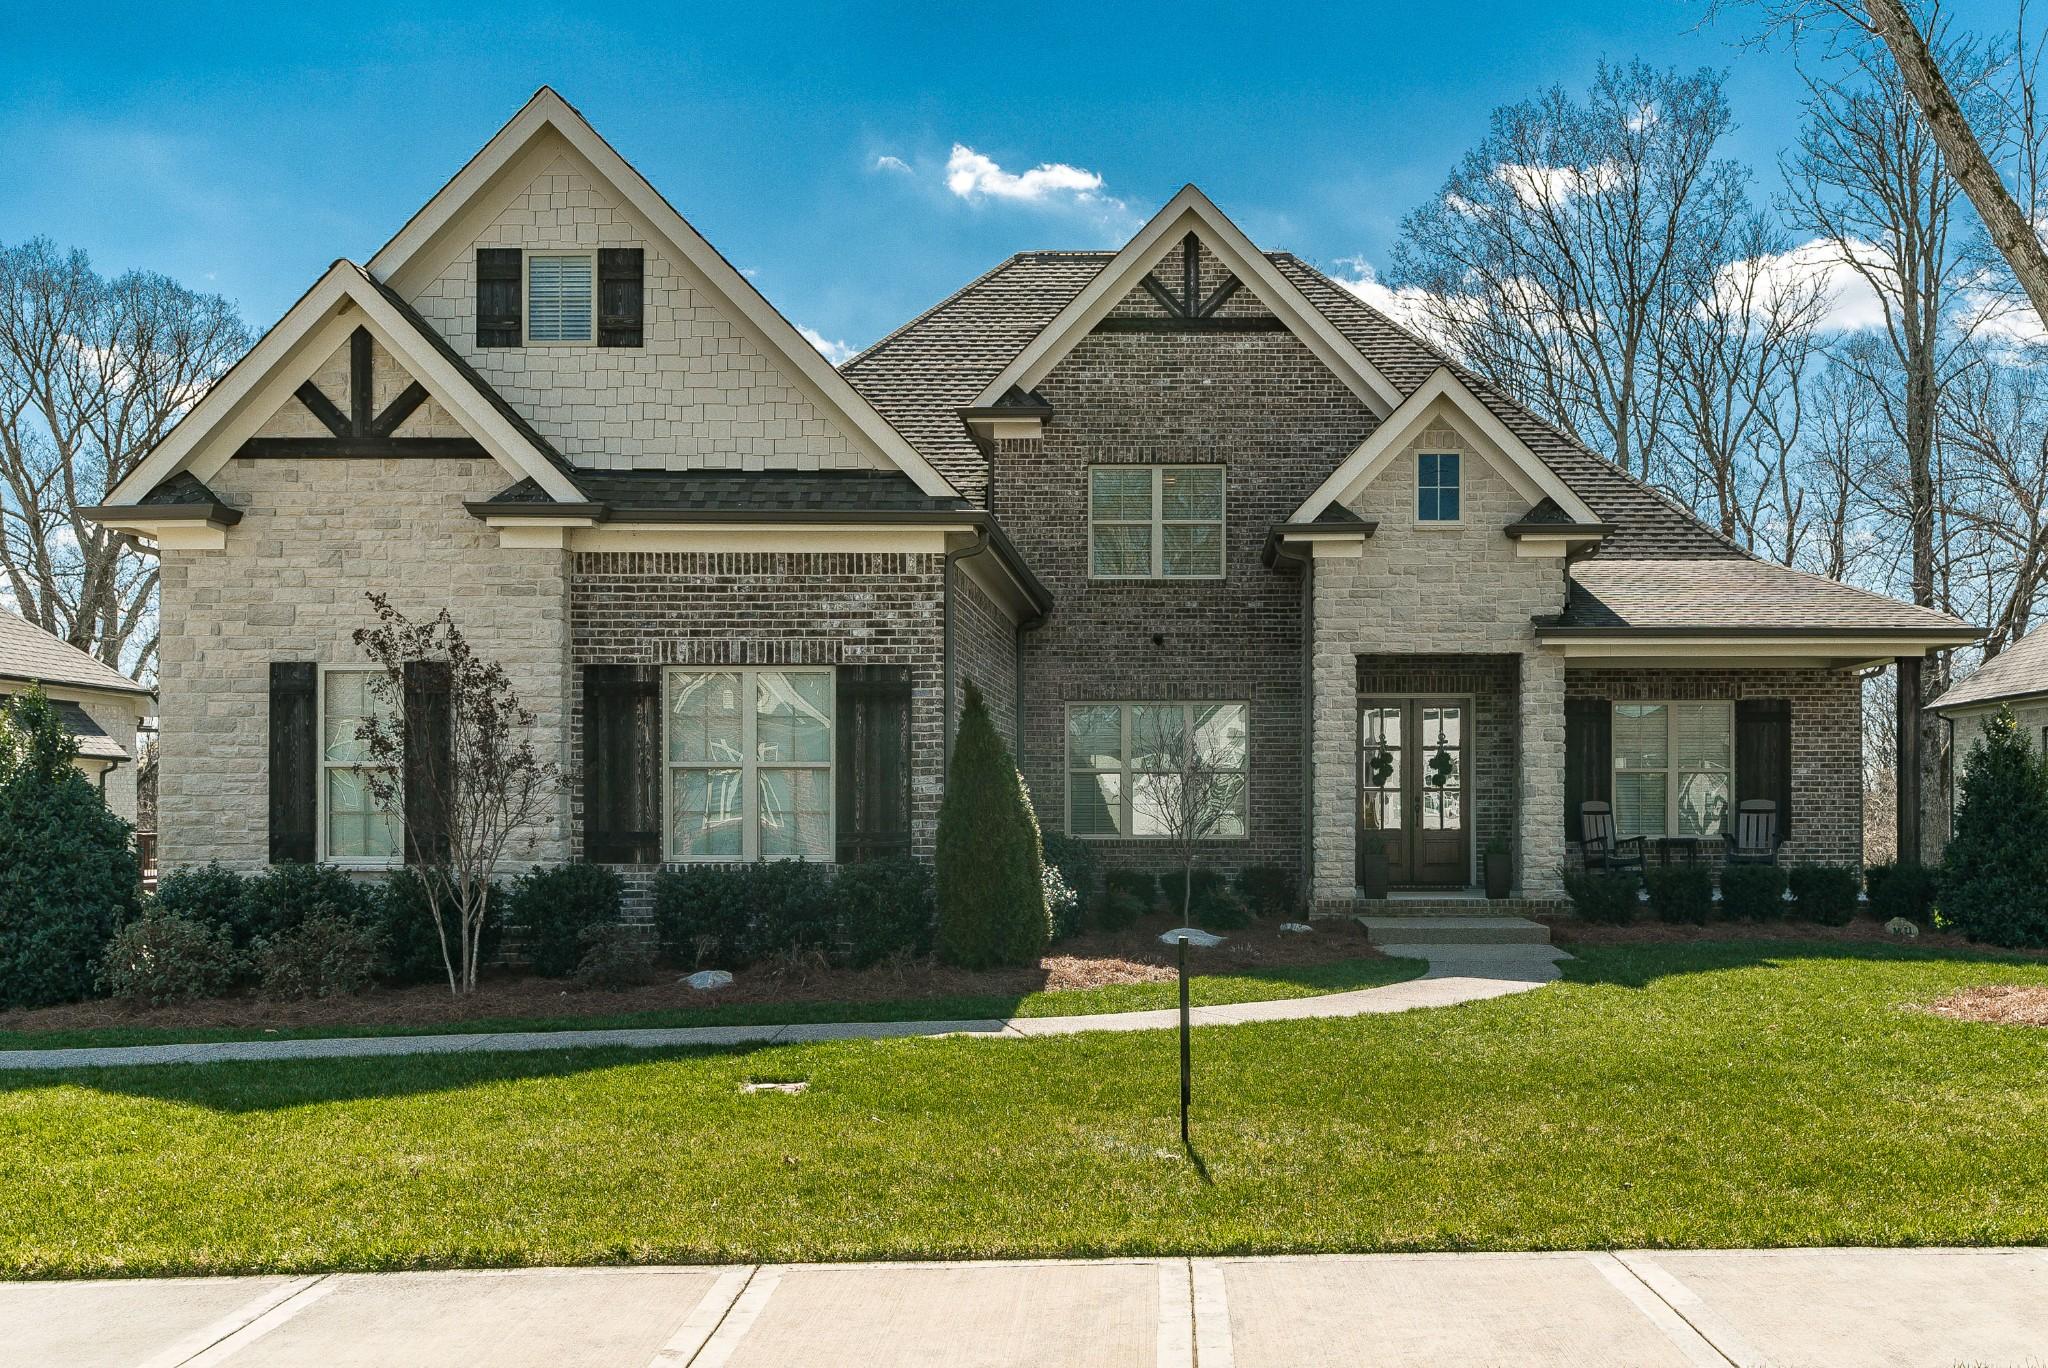 4079 Old Light Cir, Arrington, TN 37014 - Arrington, TN real estate listing